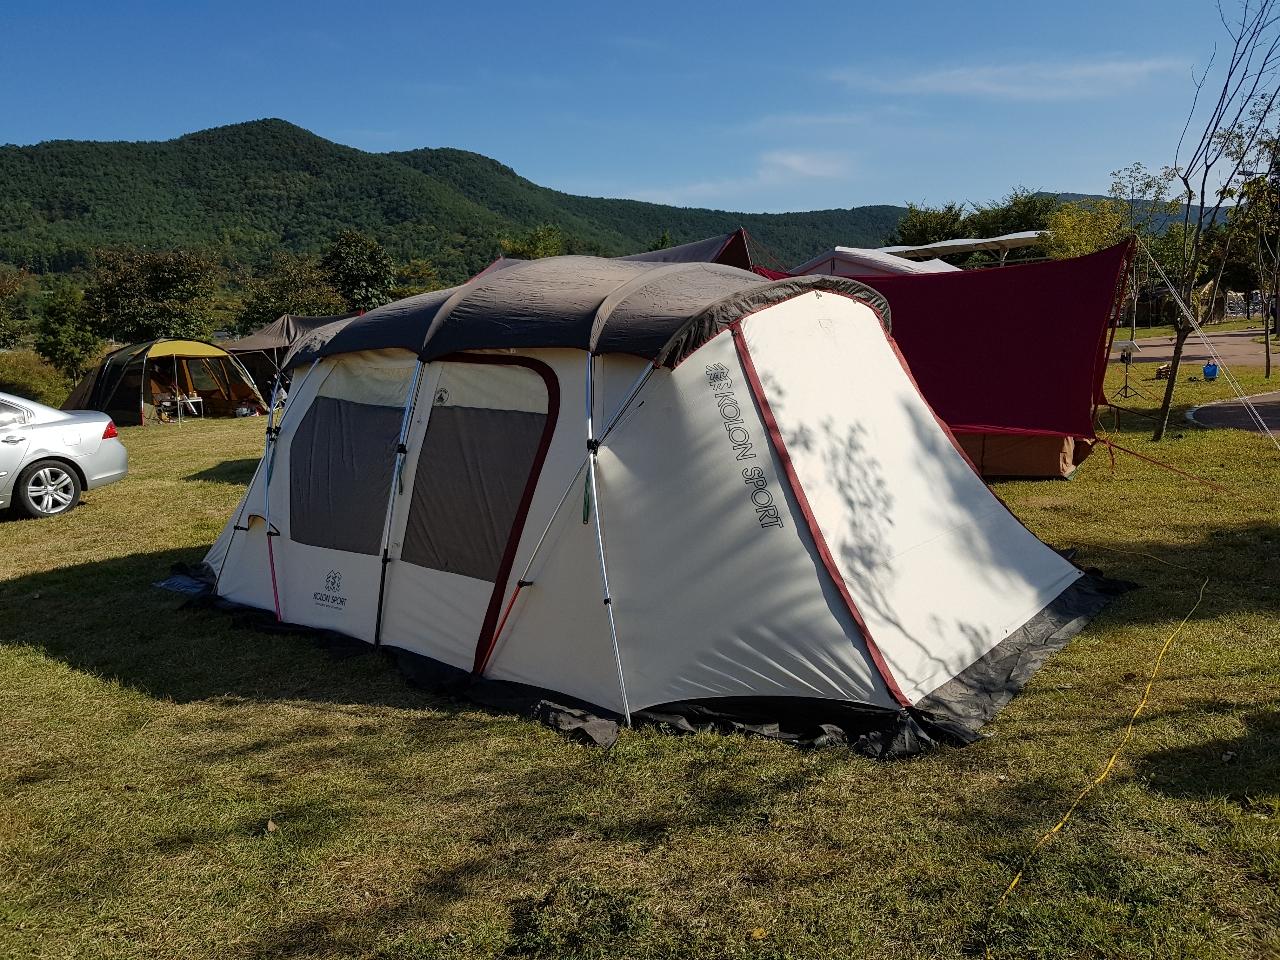 코오롱 슈퍼팰리스C 텐트 판매합니다